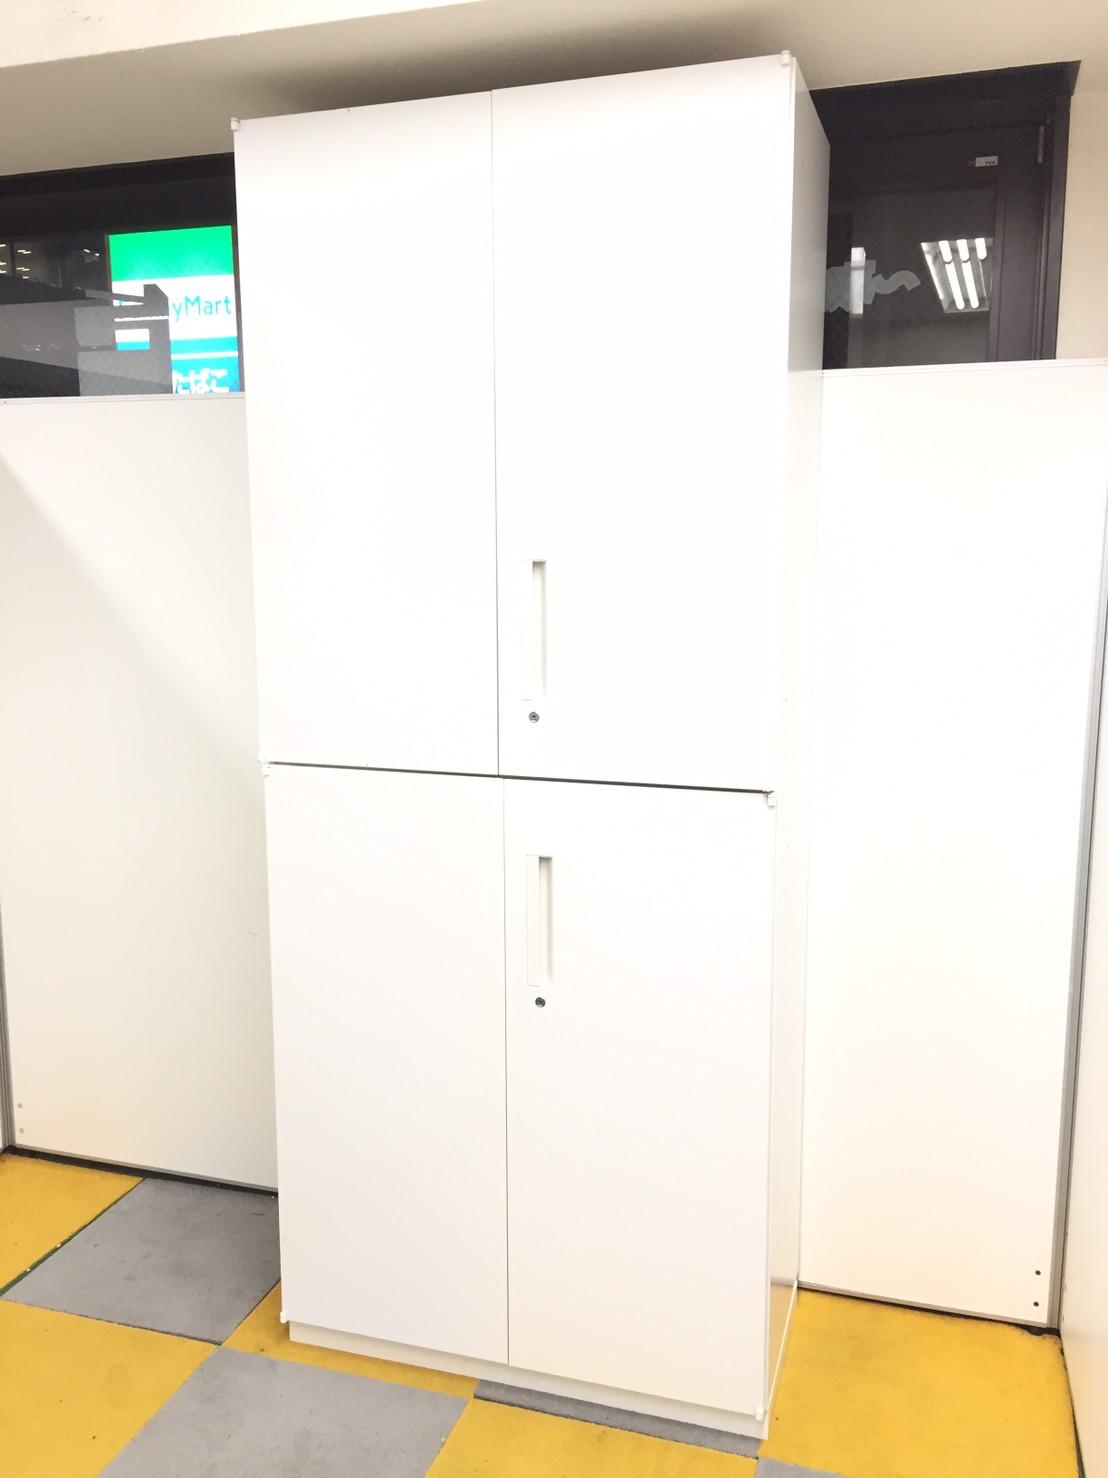 【オフィスキャビネット】HSシリーズの美品の両開き書庫セット!ホワイトカラー!【状態良好】